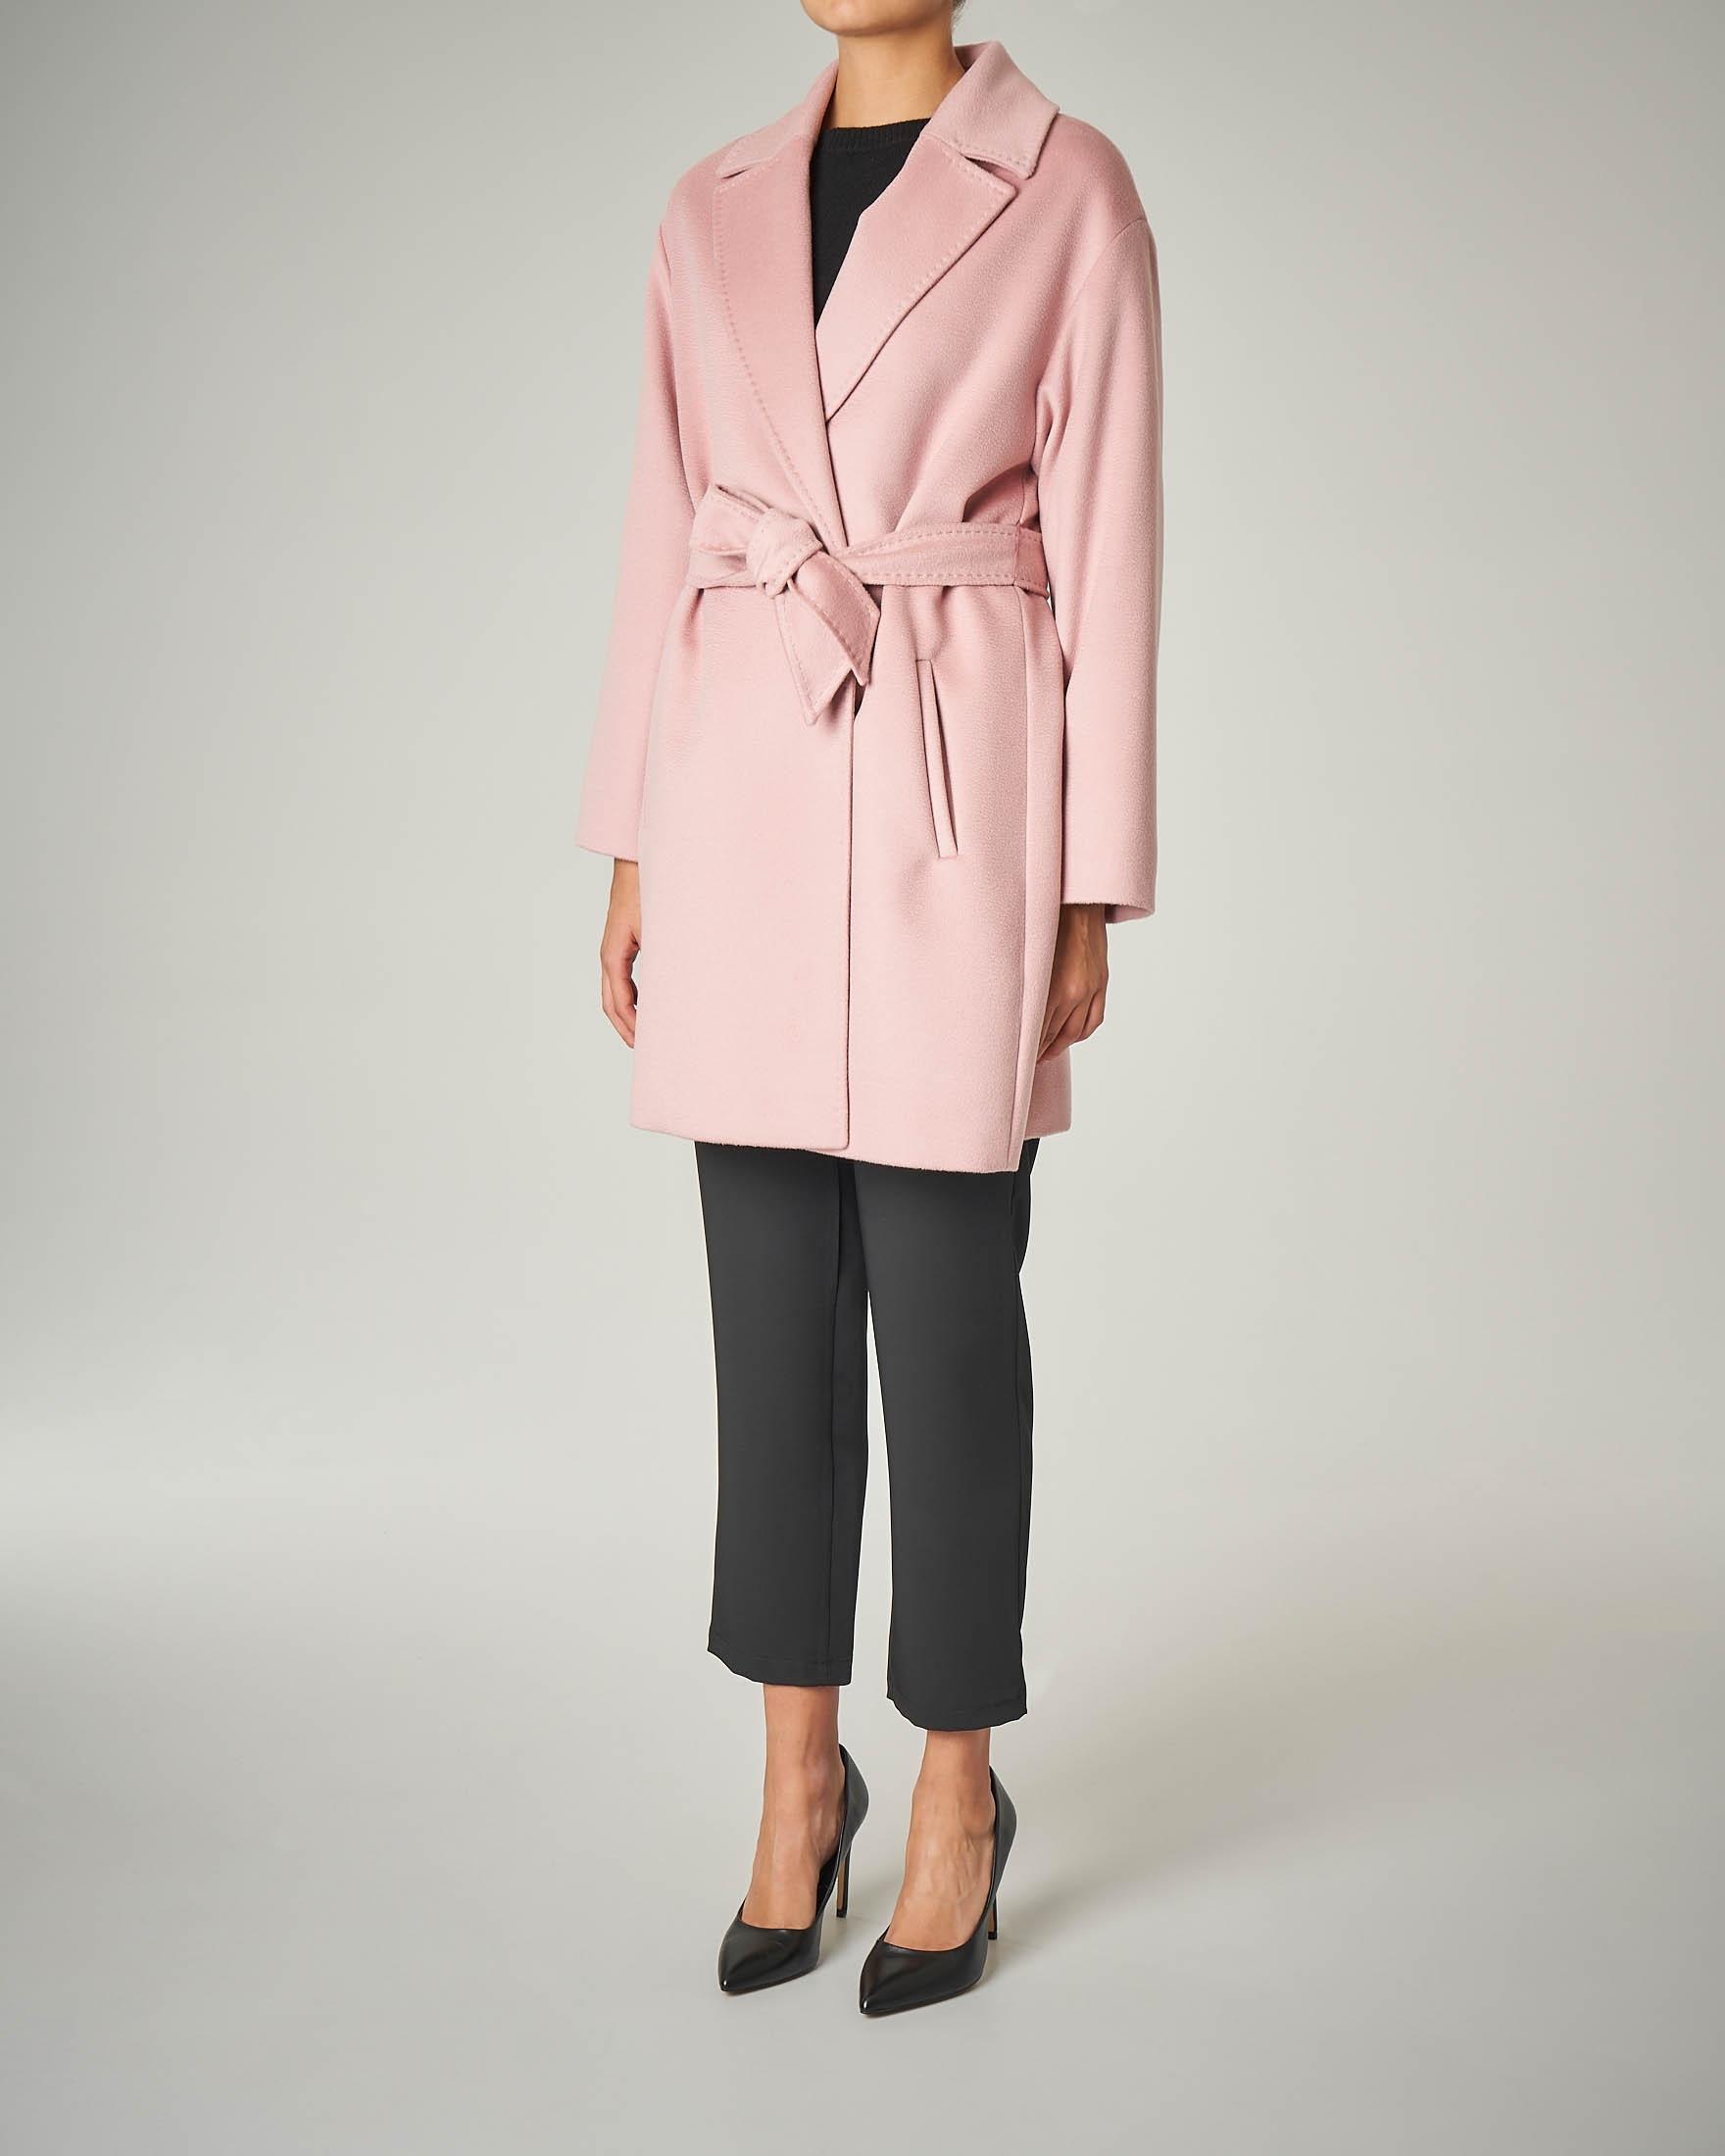 Cappotto rosa a vestaglia in pura lana